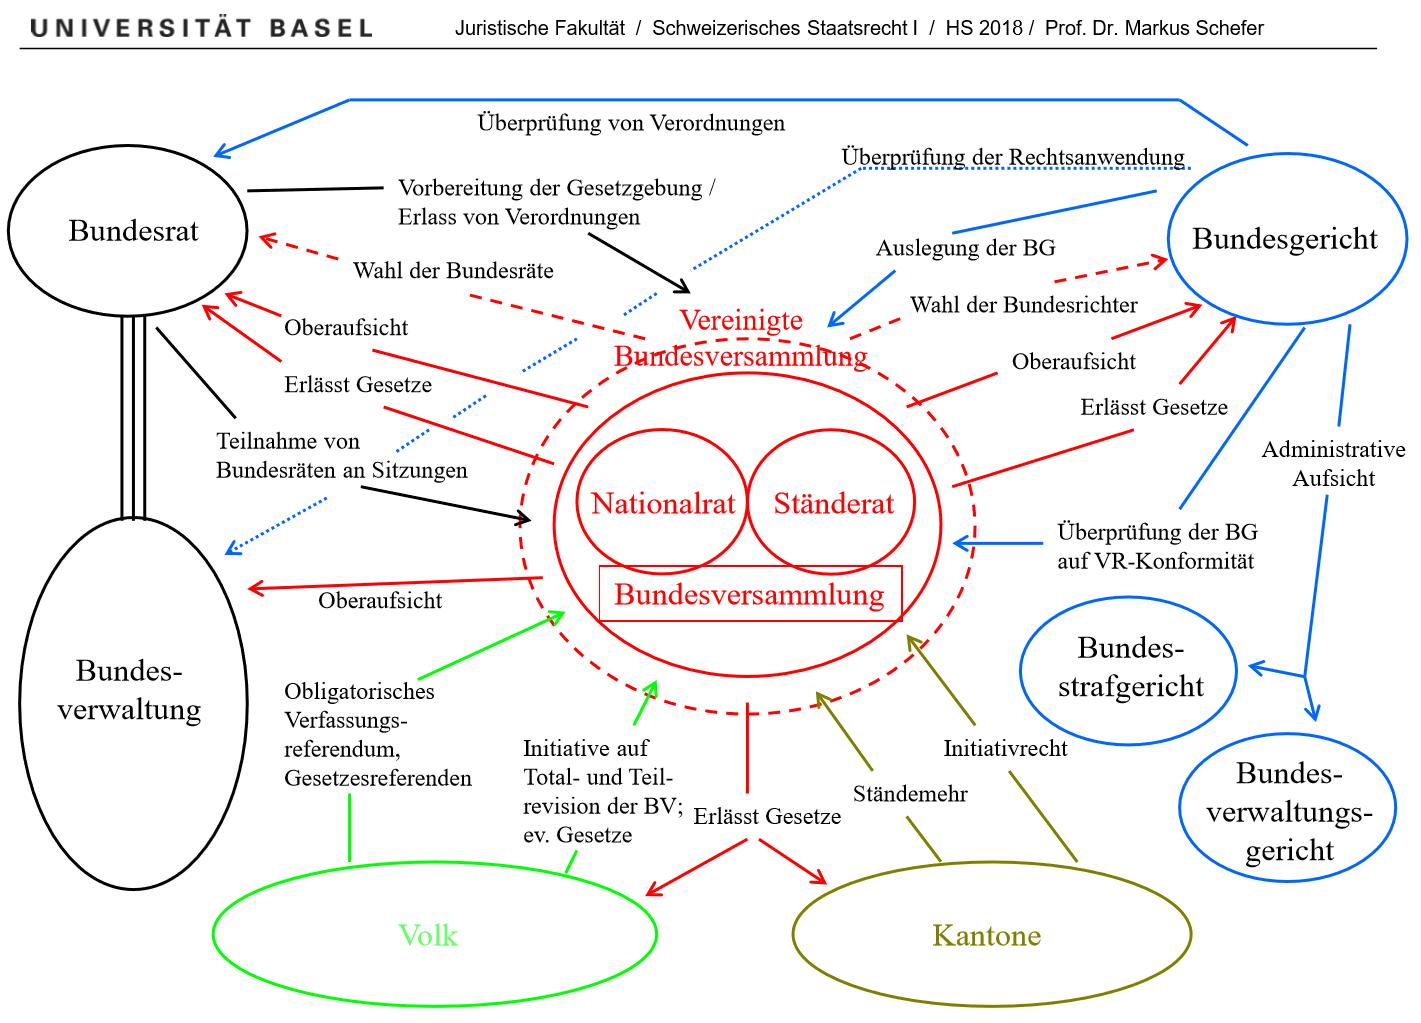 Gewaltenteilung im Schweizer Rechtsstaat, Bundesrat, Bundesverwaltung, Volk, Vereinigte Bundesversammlung, Kantone, Bundesgericht,